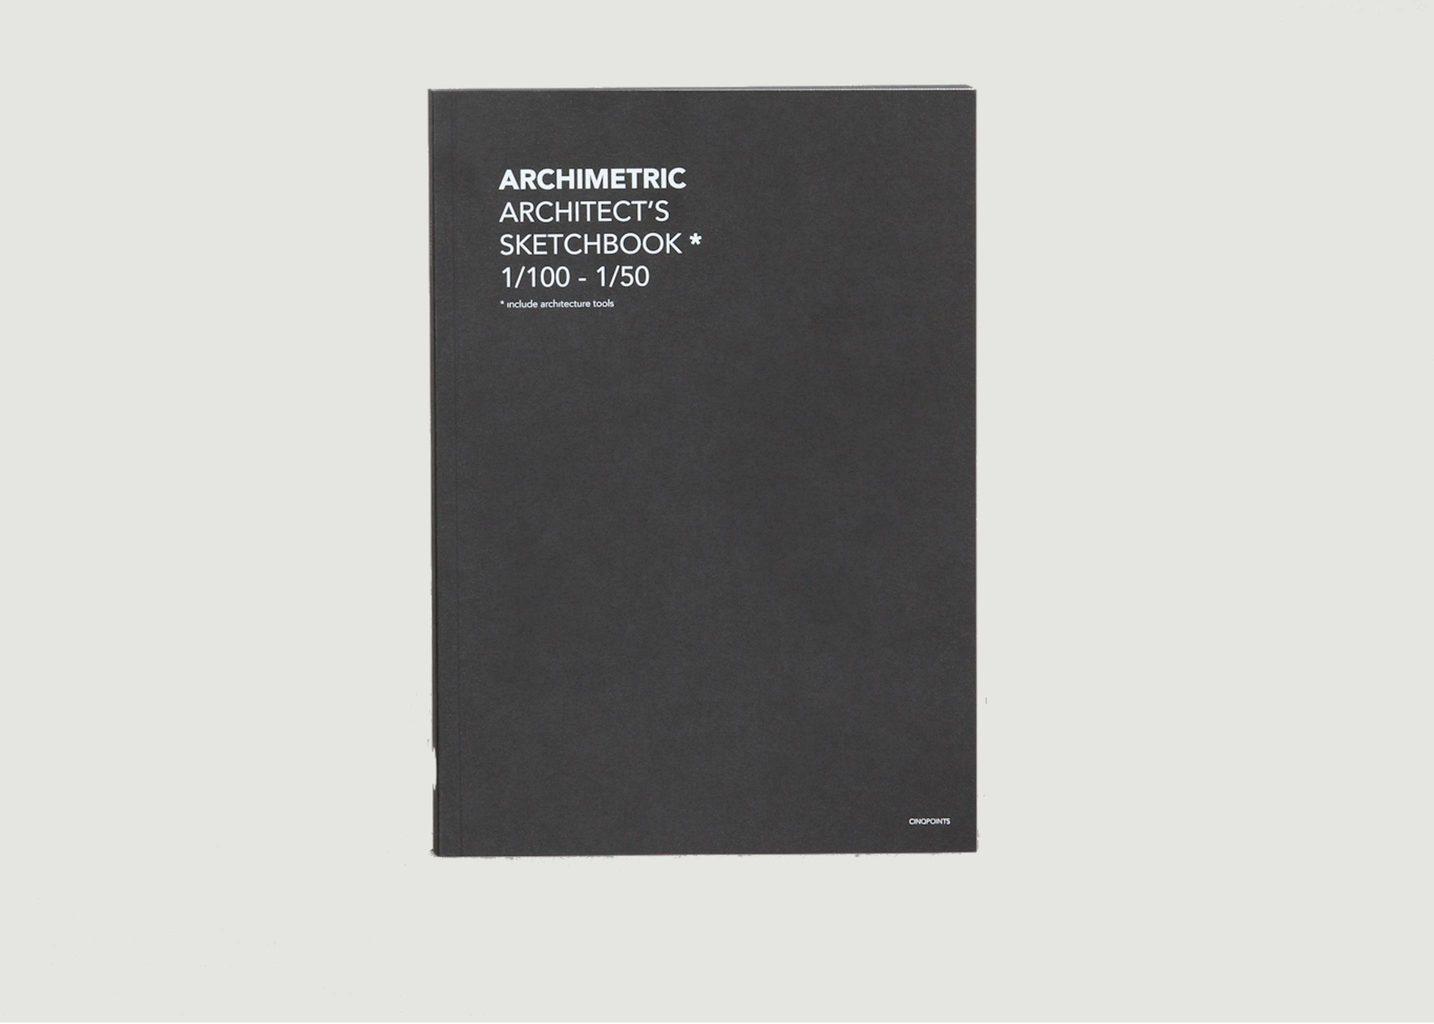 Carnet Archimetric - cinqpoints